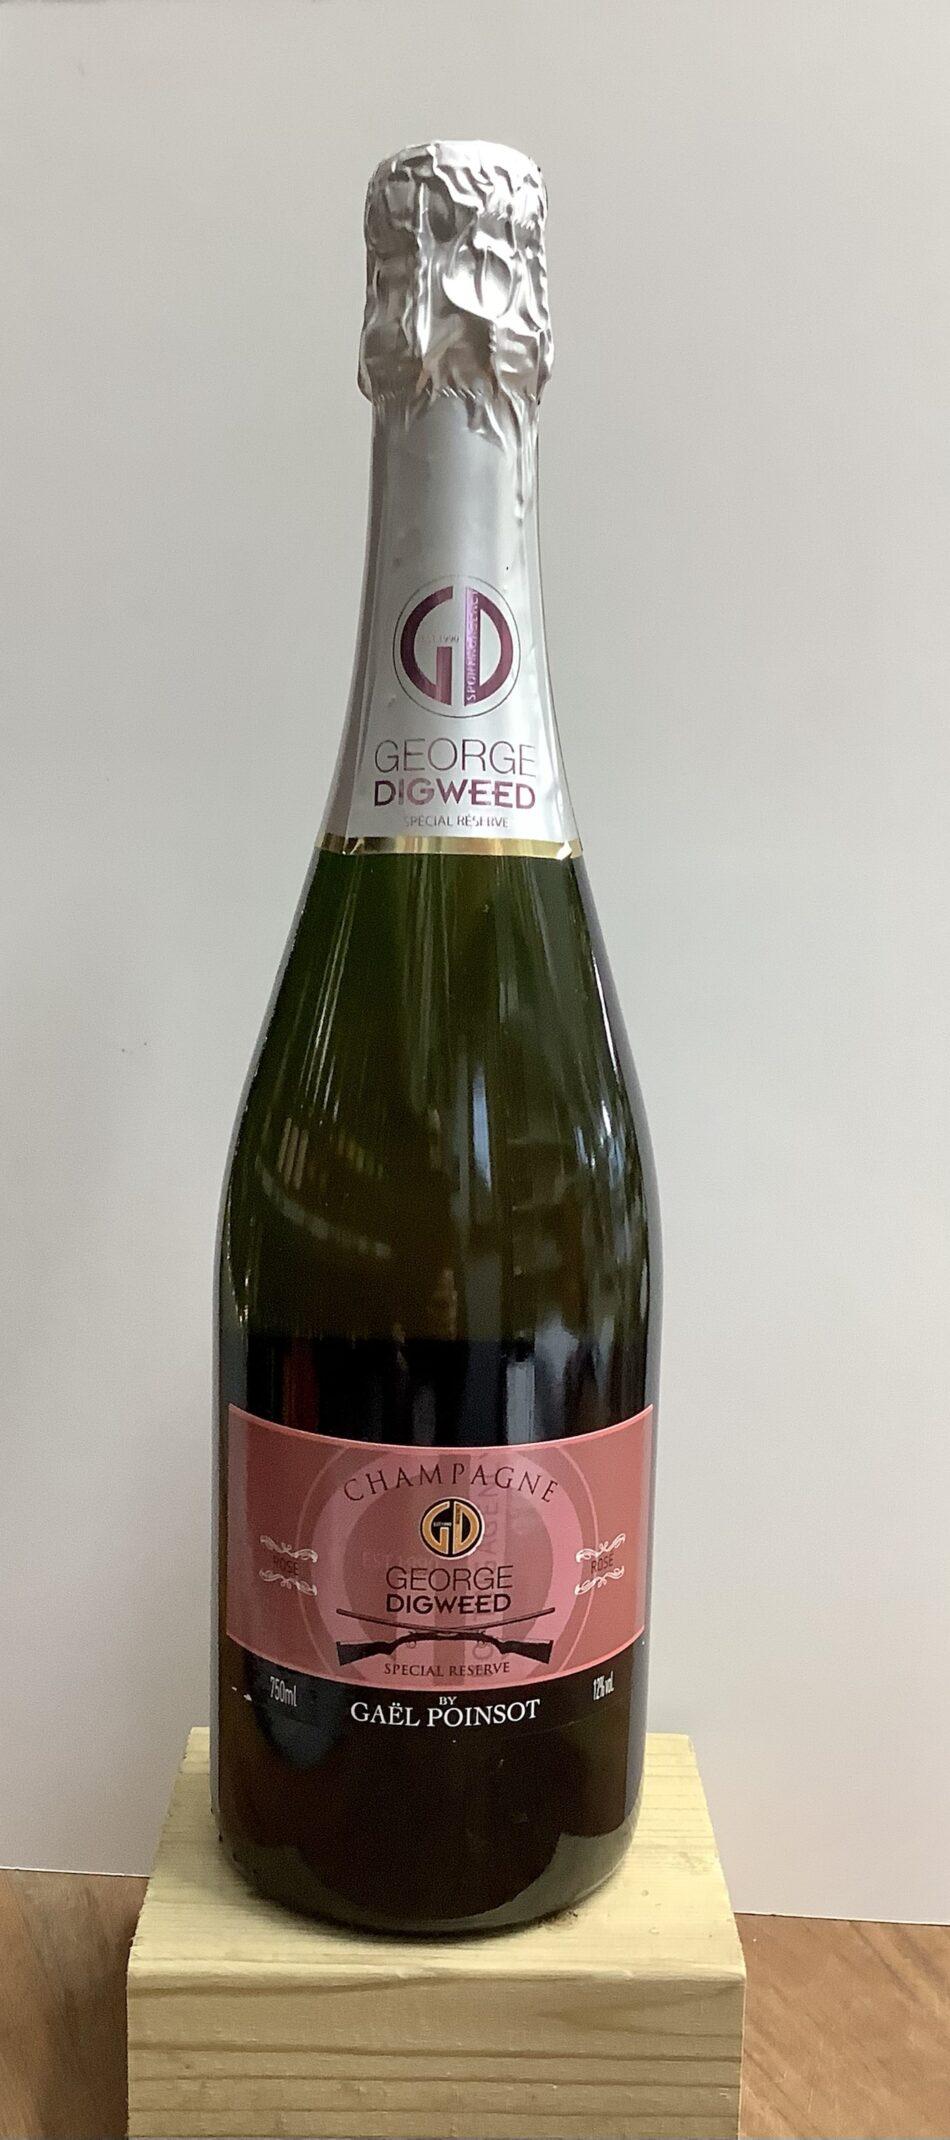 George Digweed Rose Champagne 1